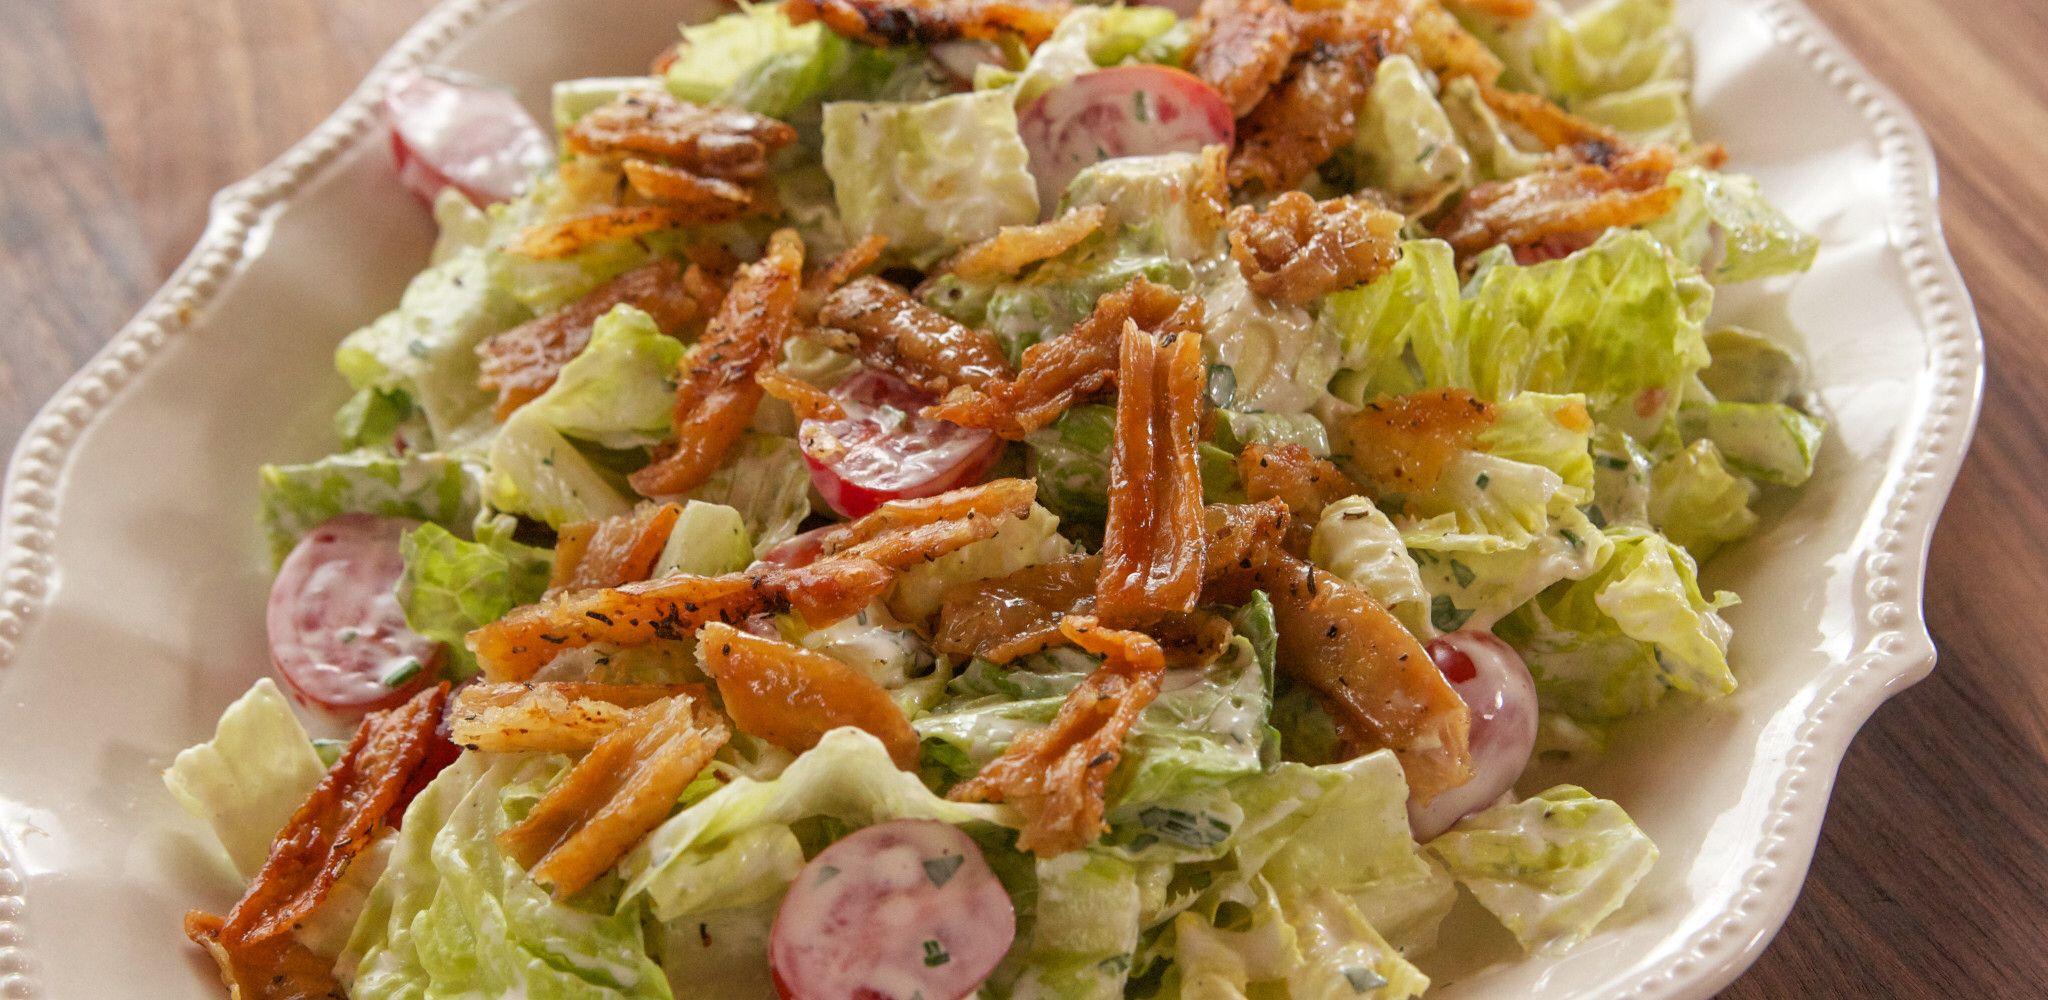 Clt salad recipe food network recipes food recipes food